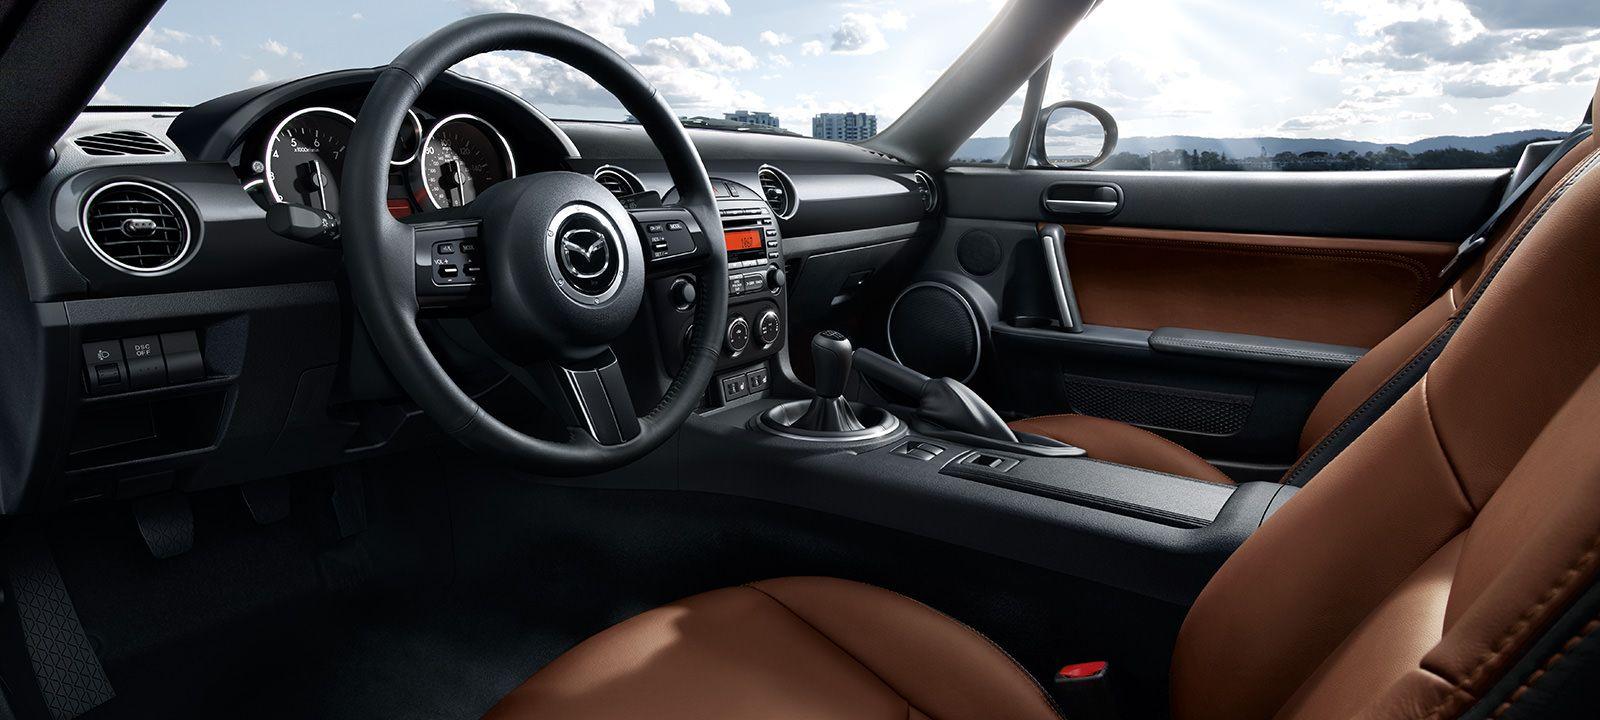 Kelebihan Kekurangan Mazda Mx5 2015 Spesifikasi